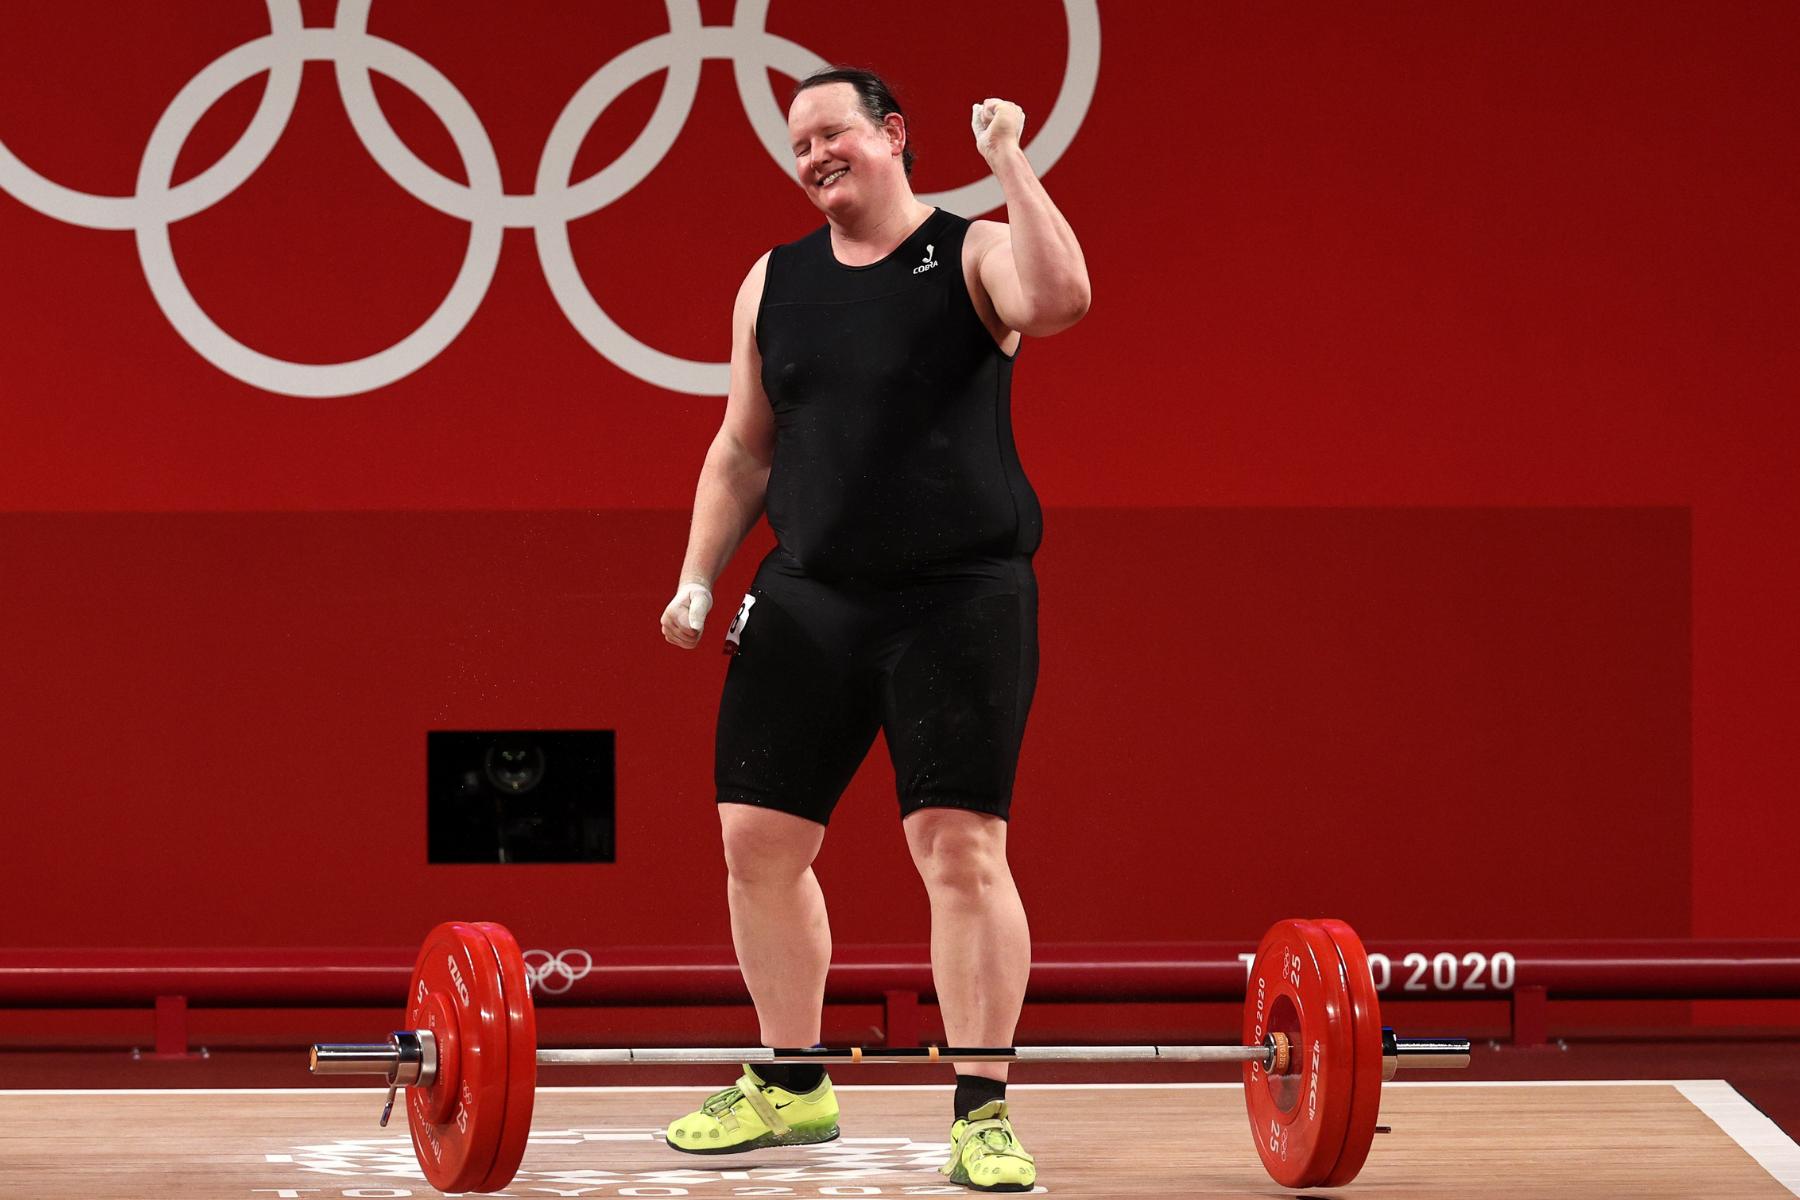 Tips keunggulan olahraga skala debat atlet trans yang kompleks, tulis Susan Egelstaff